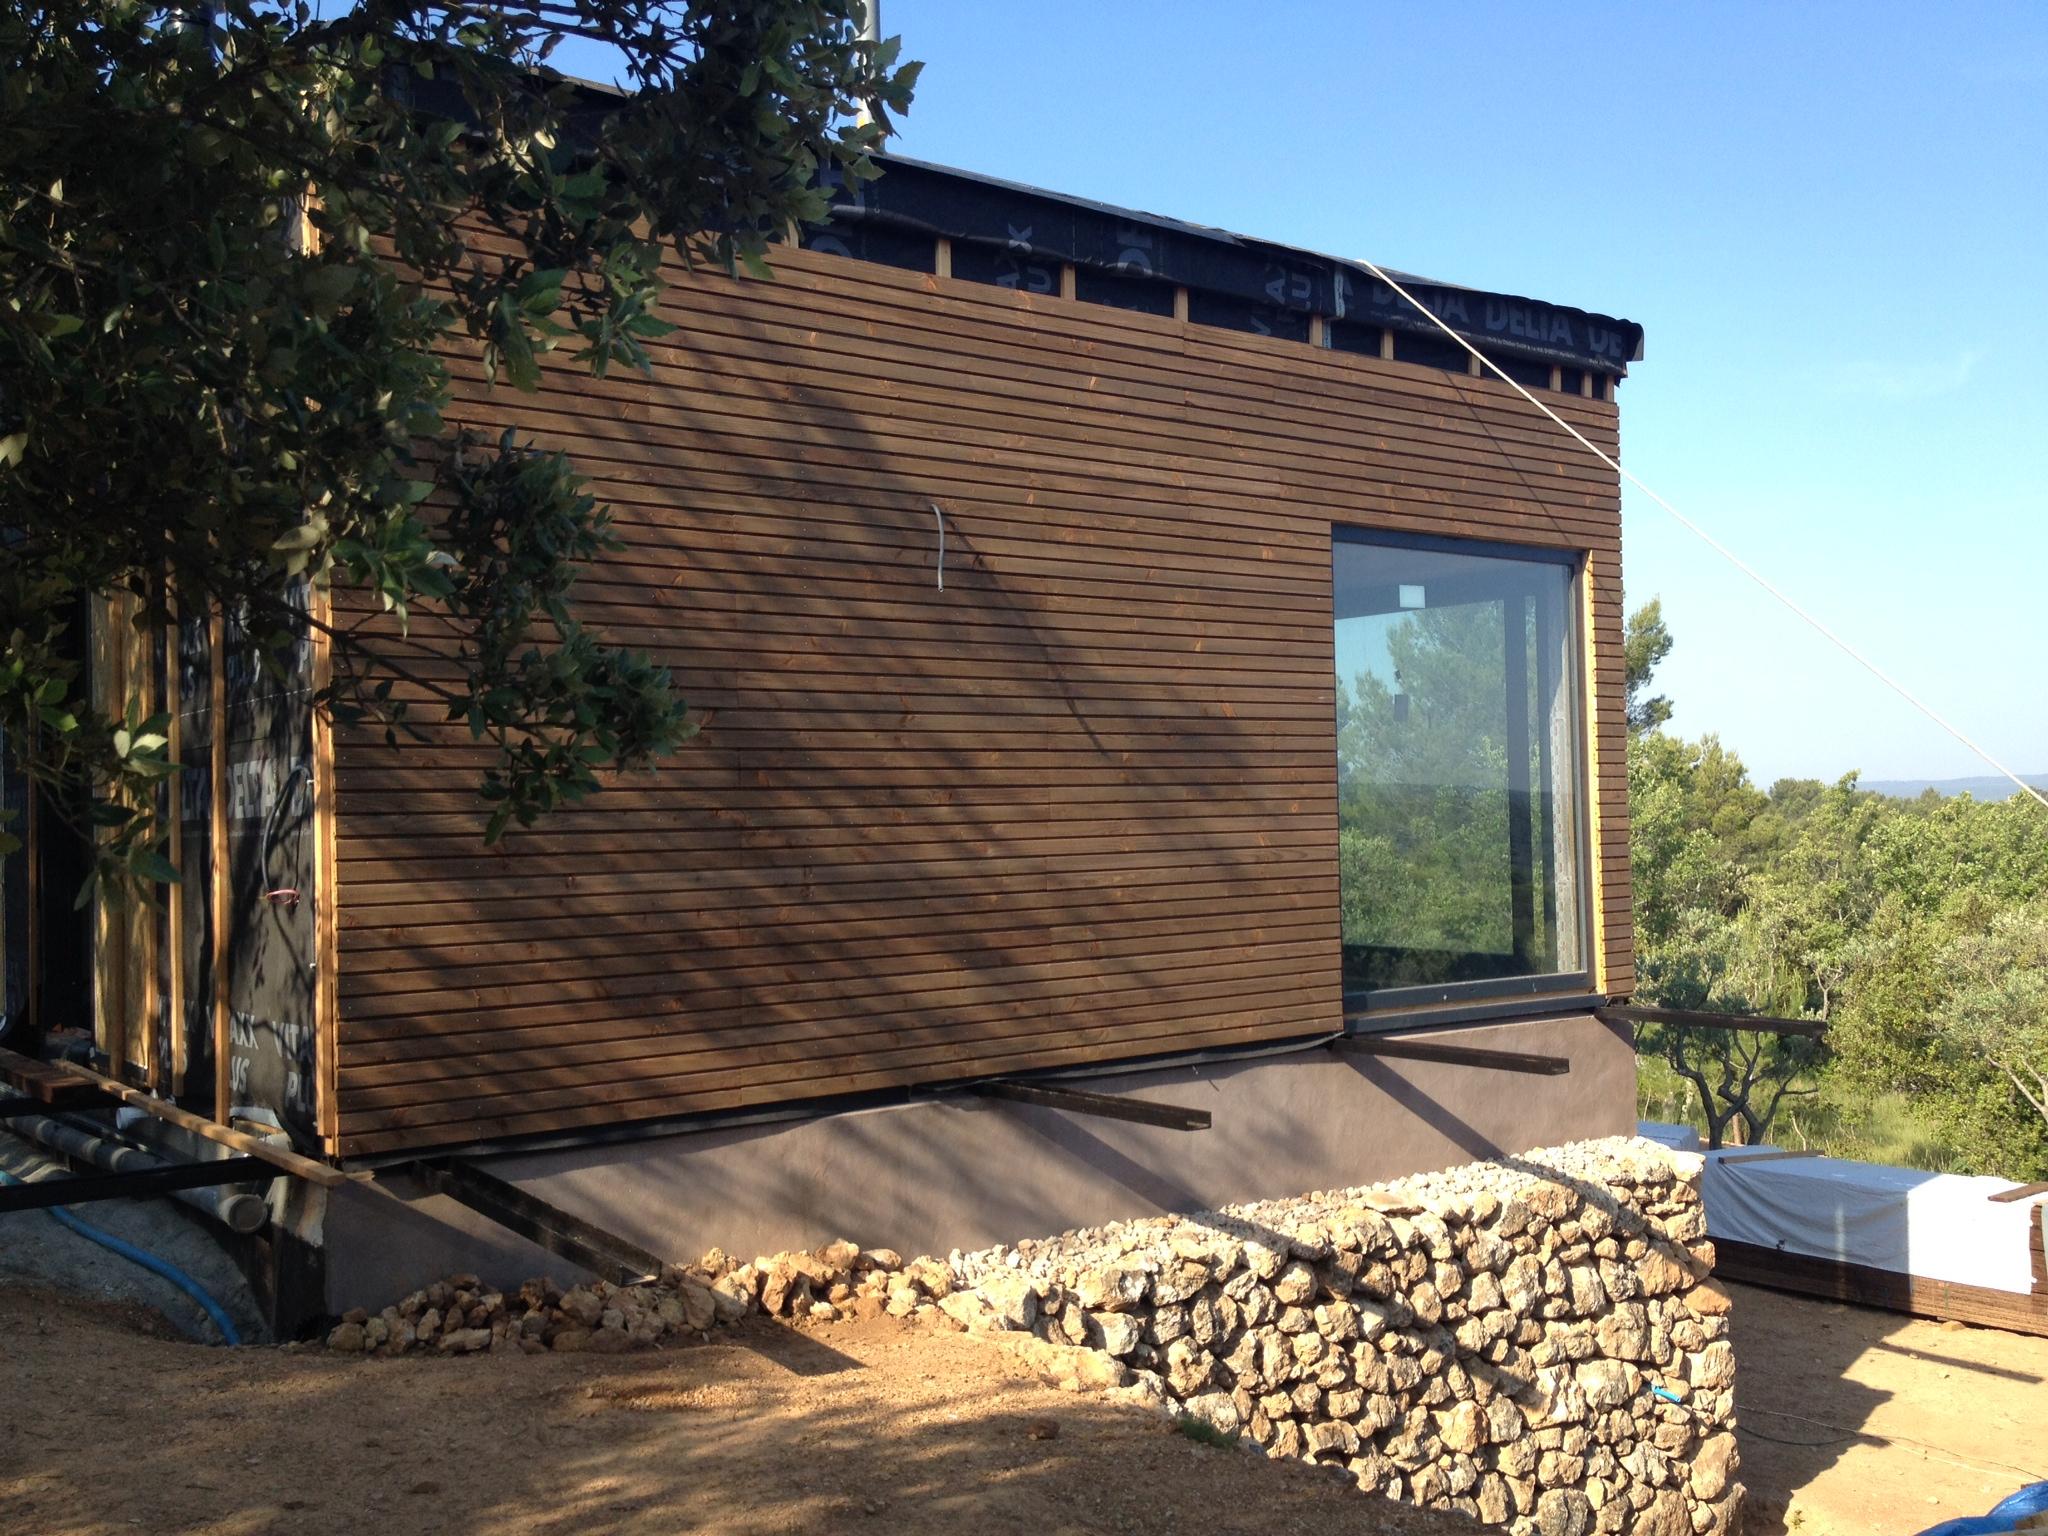 Bardage des murs maison bois c t sud for Extension maison 3 murs